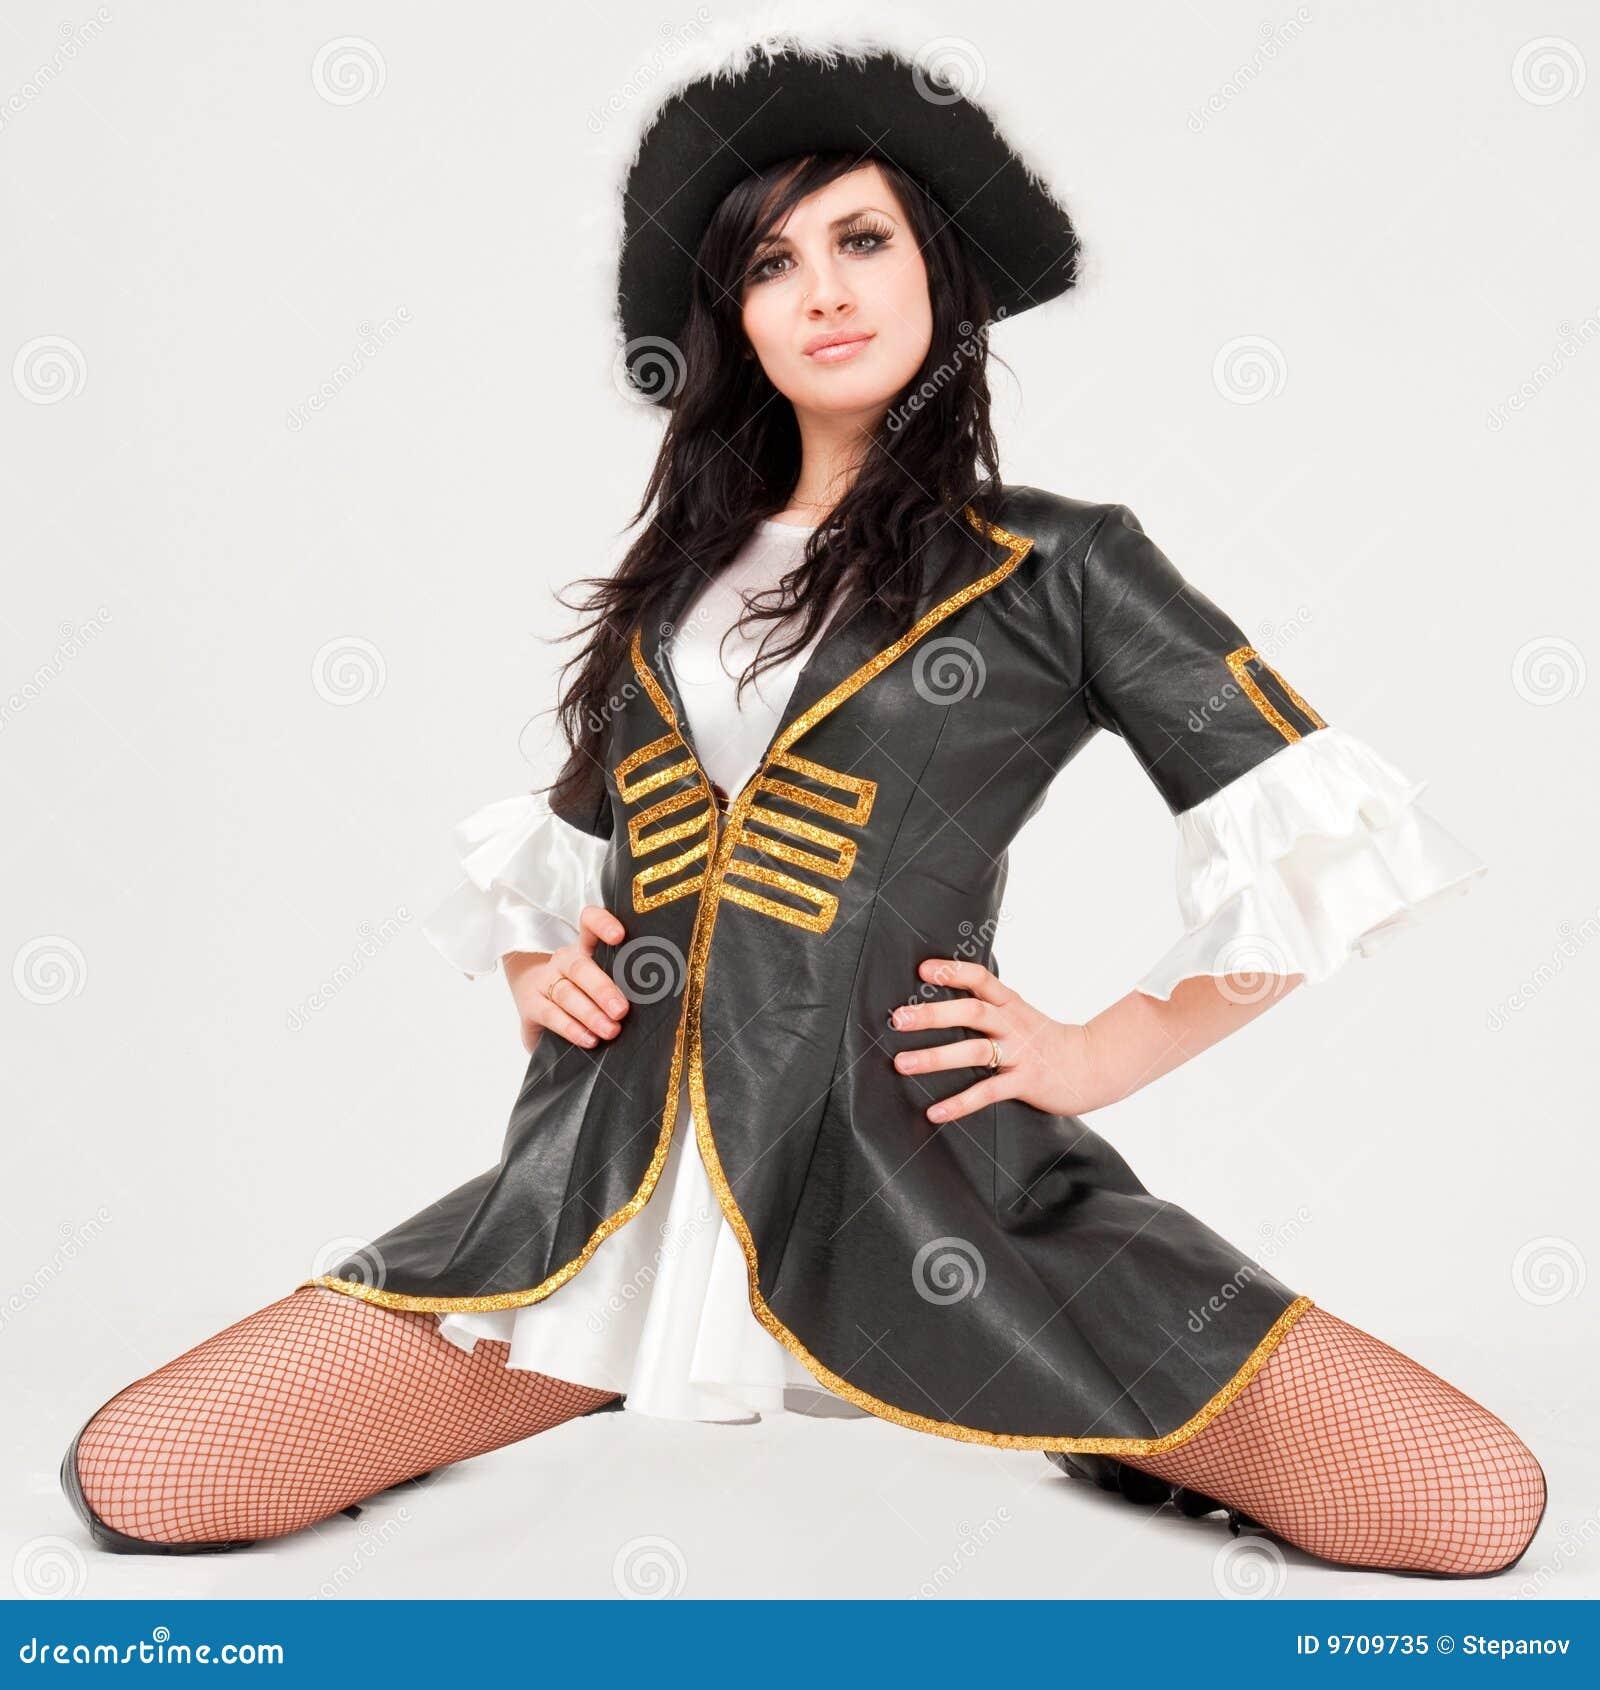 Women's Pirate Costume. Buy New$19.99